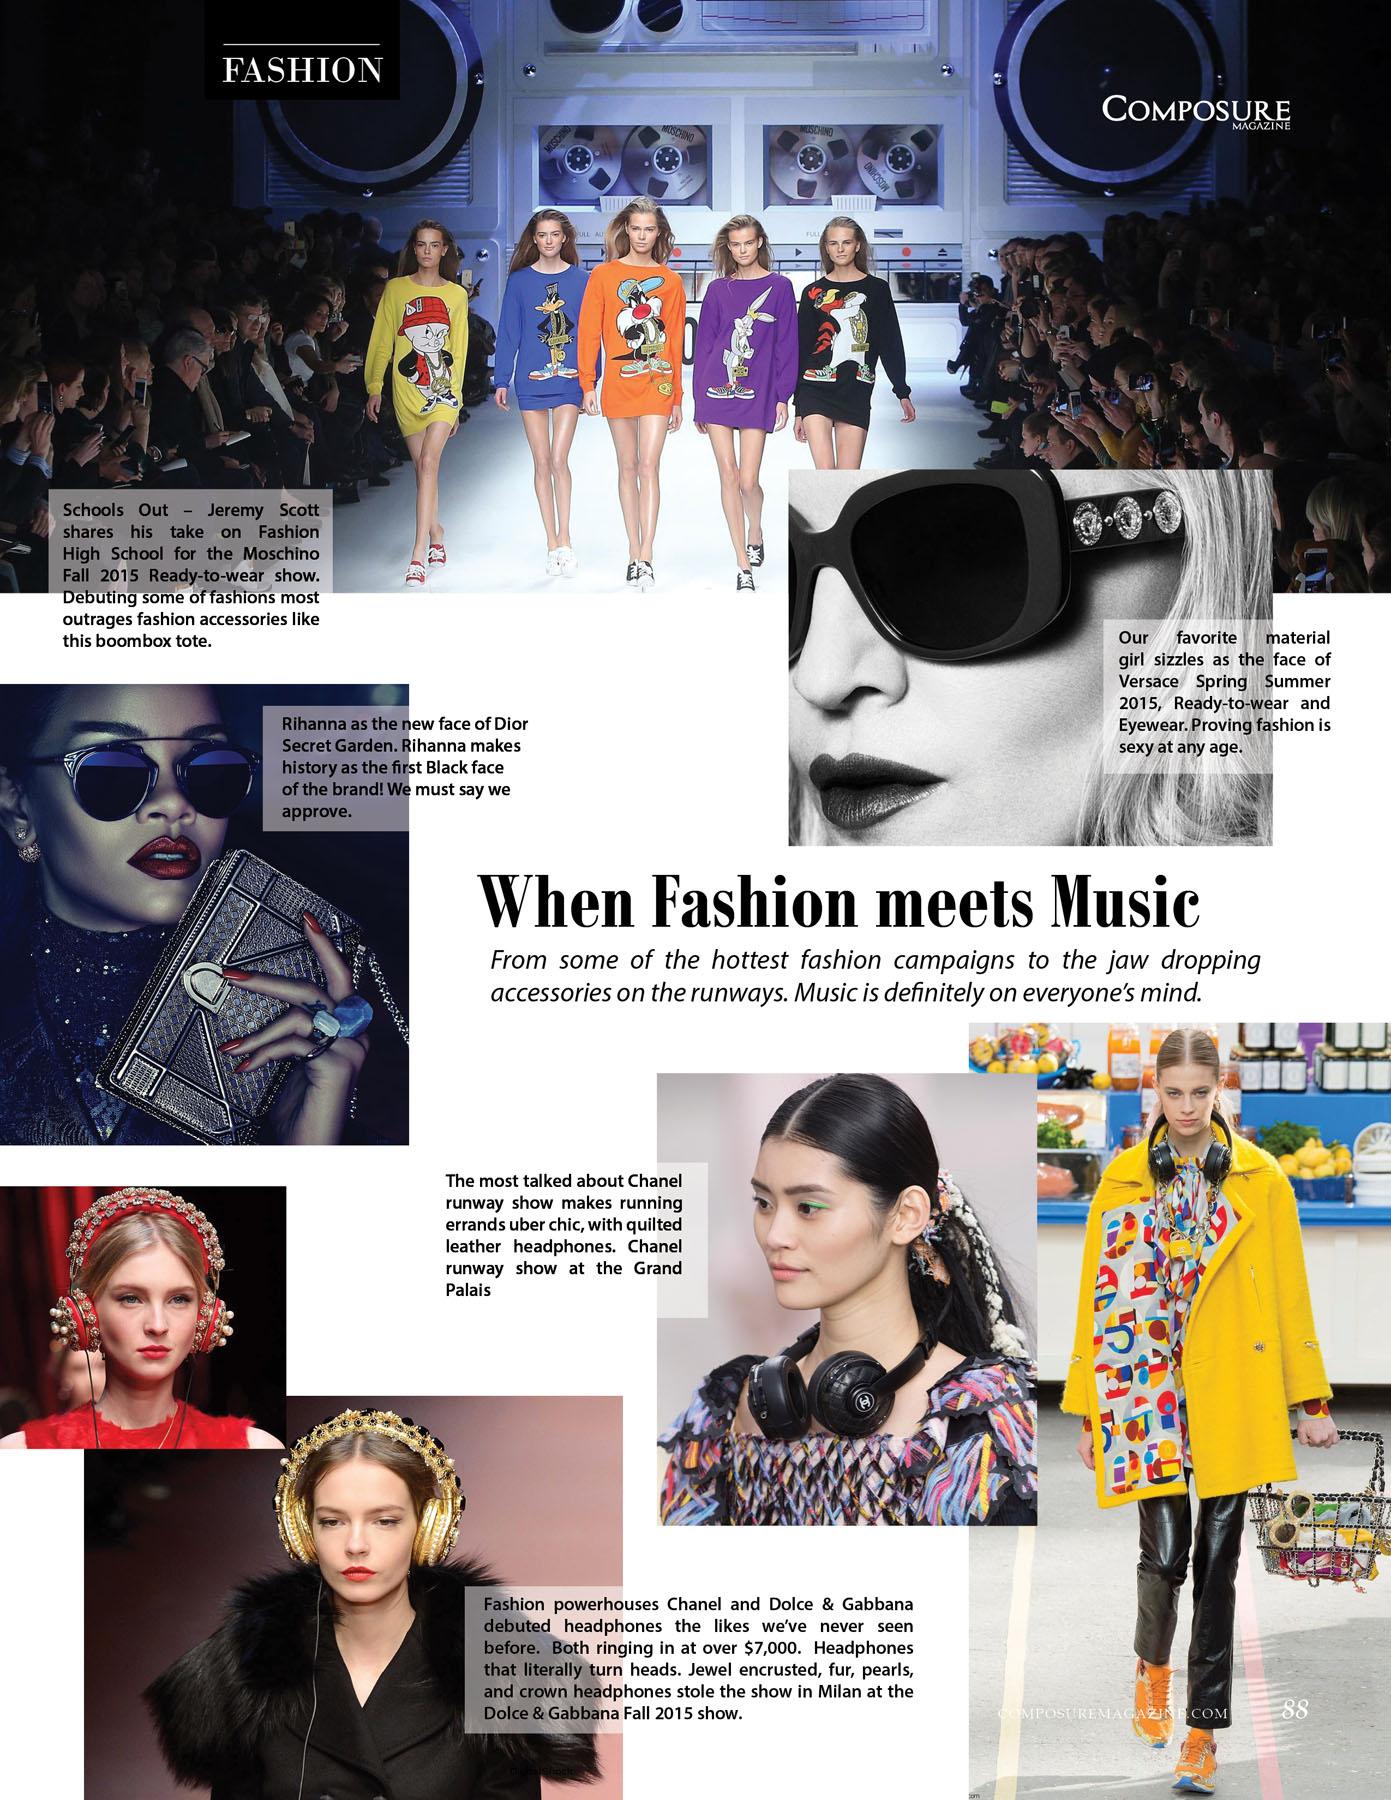 When Fashion Meets Music